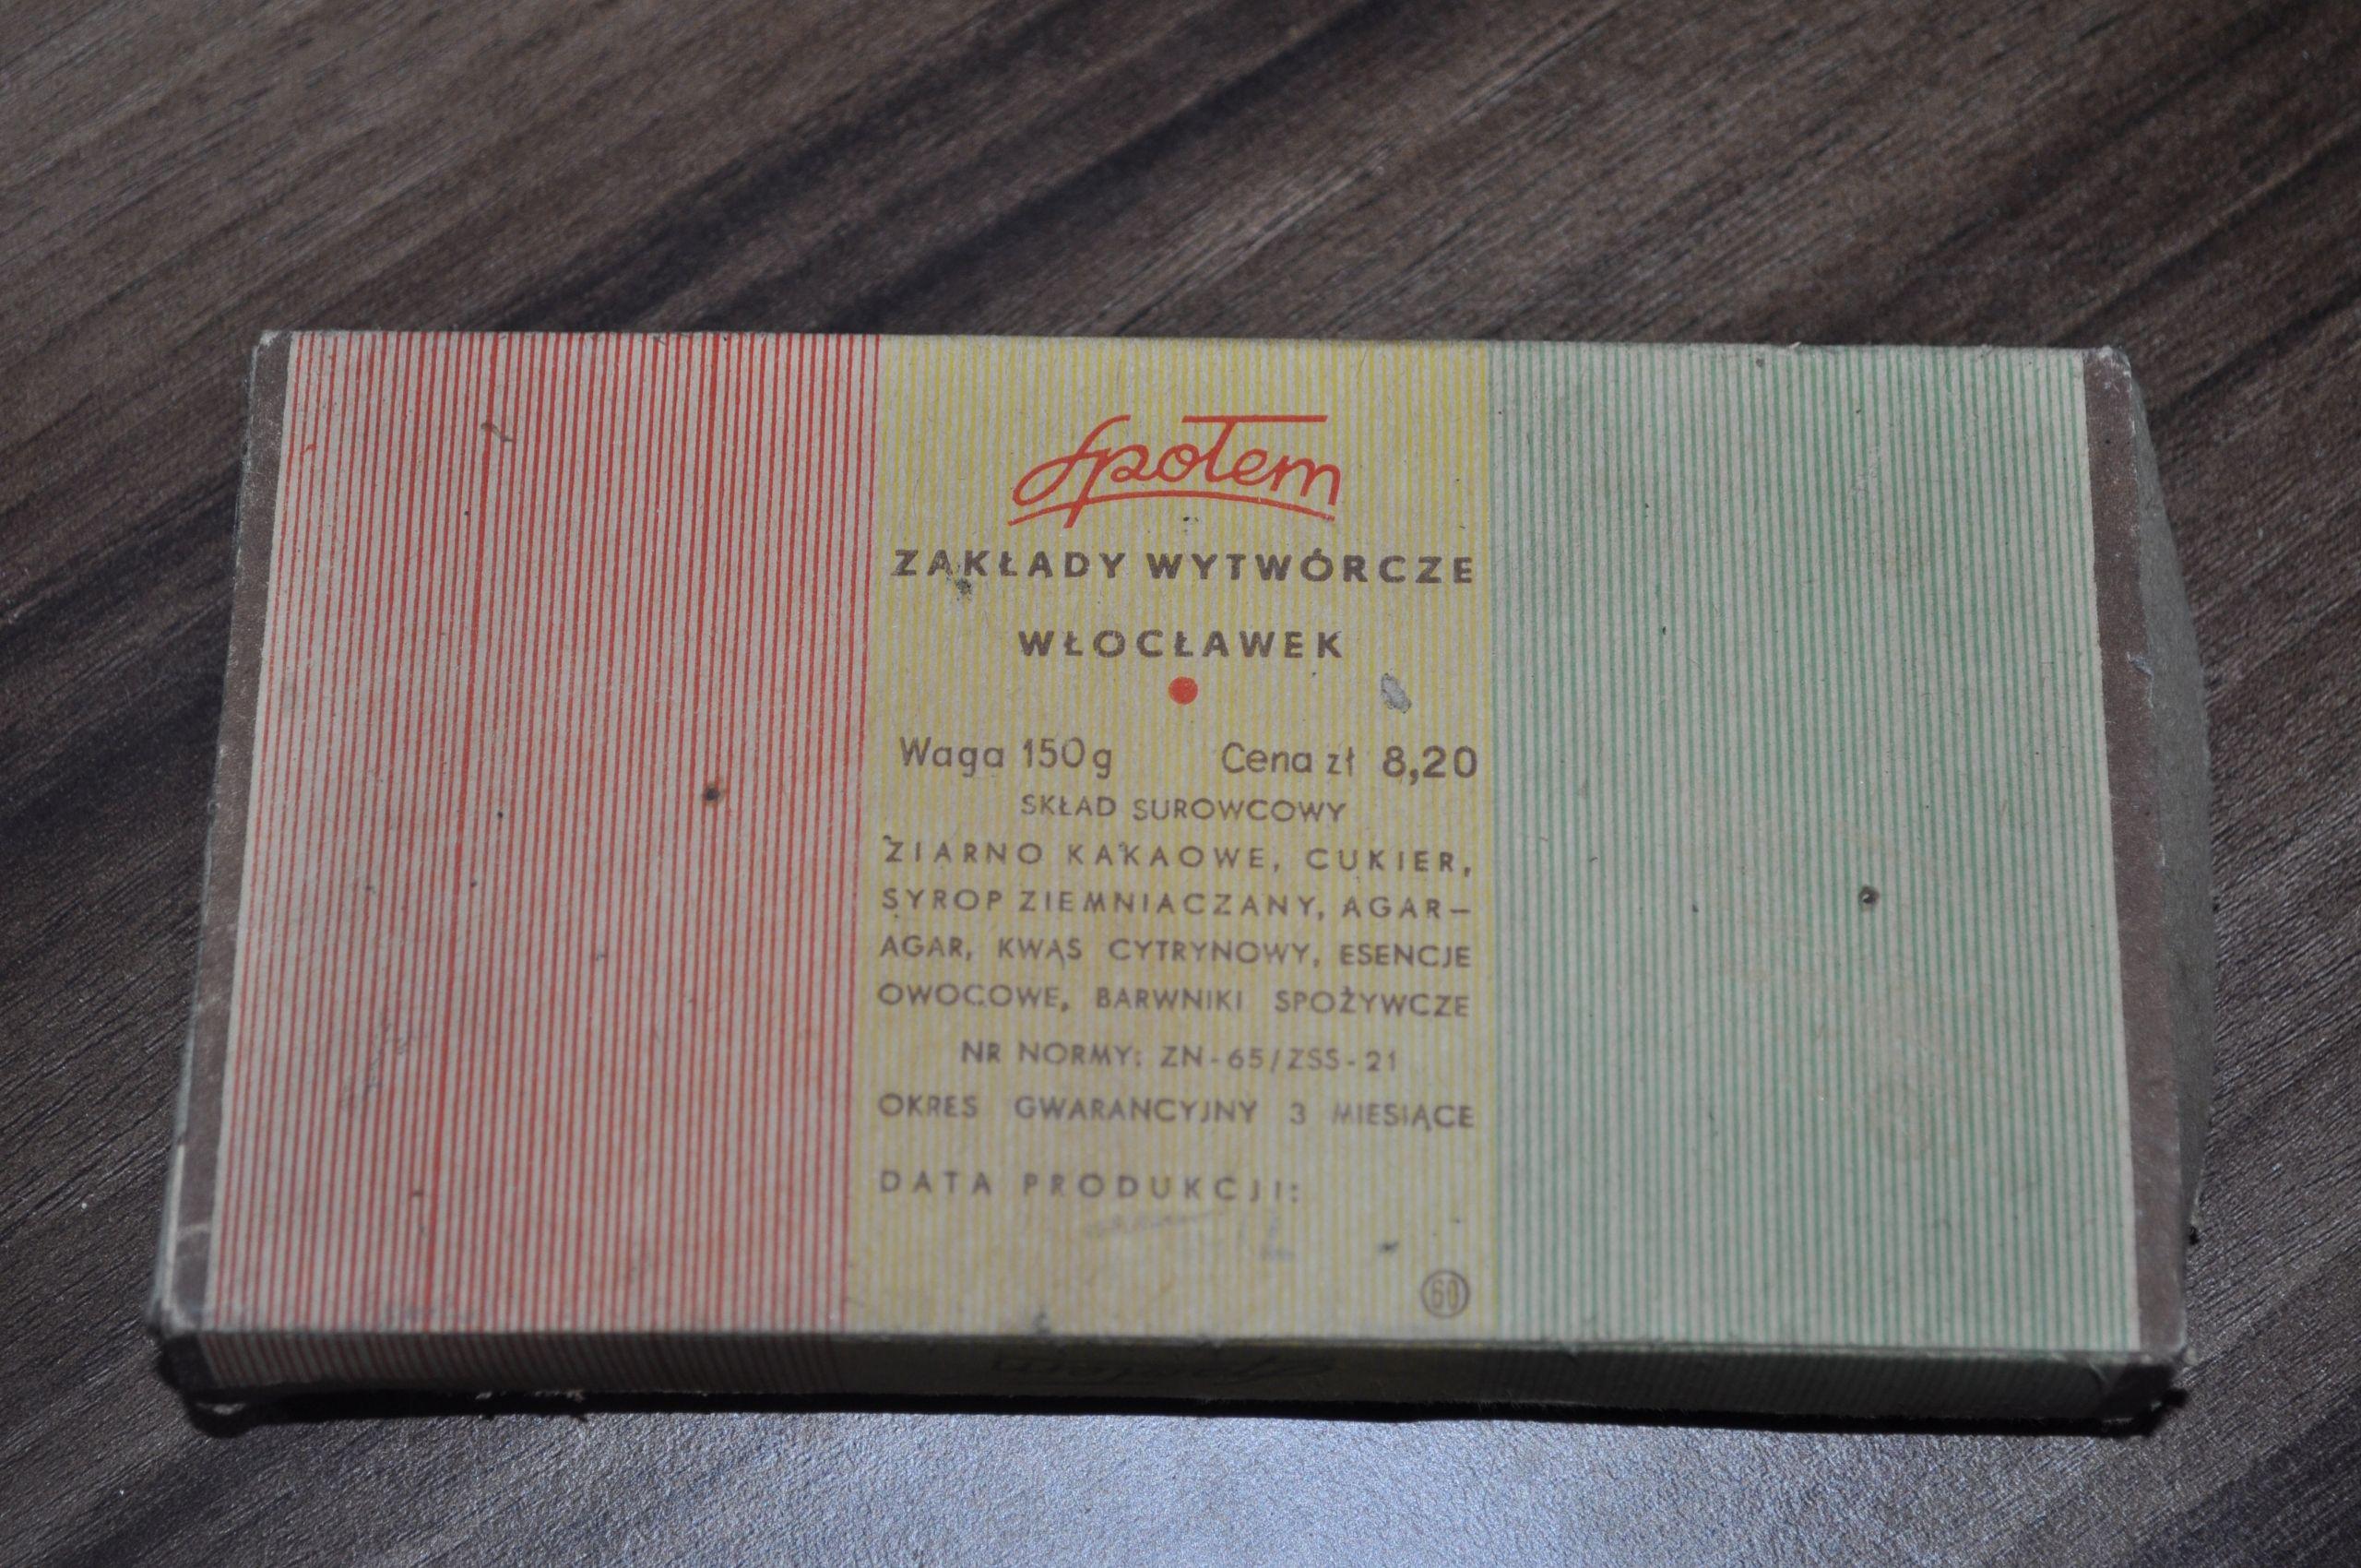 Opakowanie Prl Galaretka W Czekoladzie Spolem 7580691443 Oficjalne Archiwum Allegro Book Cover Retro Vintage Retro